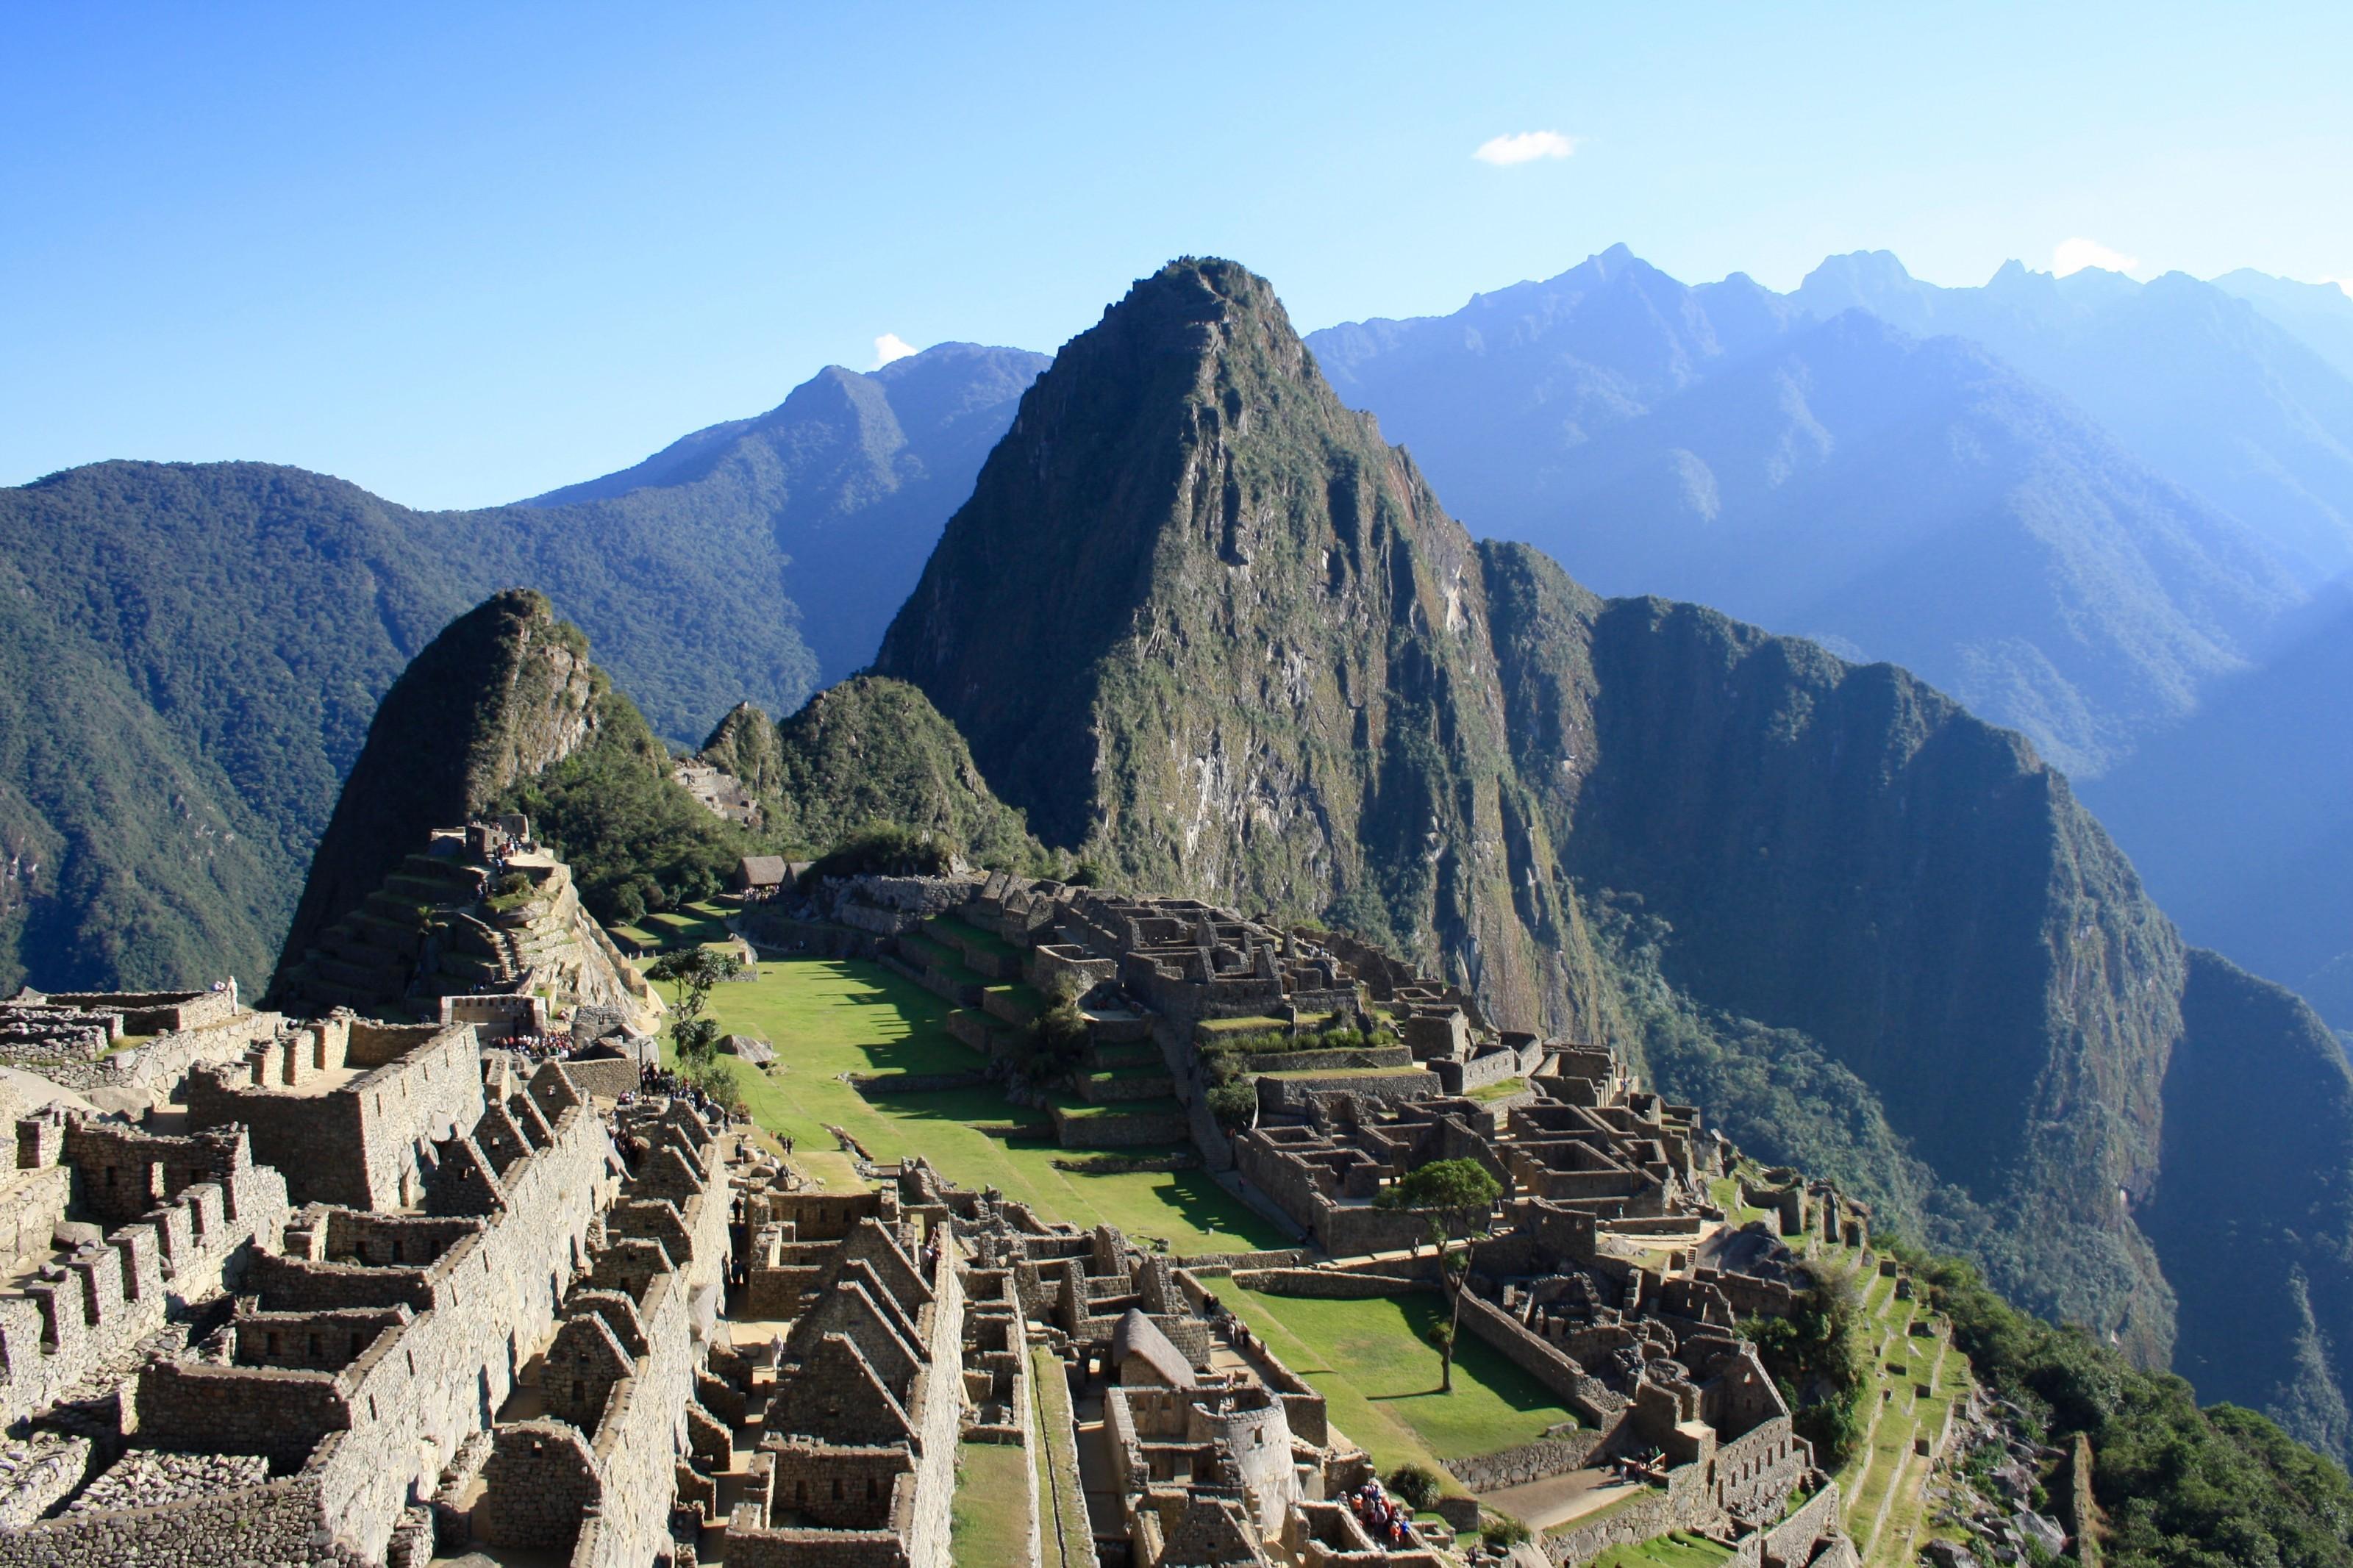 Dicas importantíssimas sobre documentação necessária, para você ingressar no Peru.